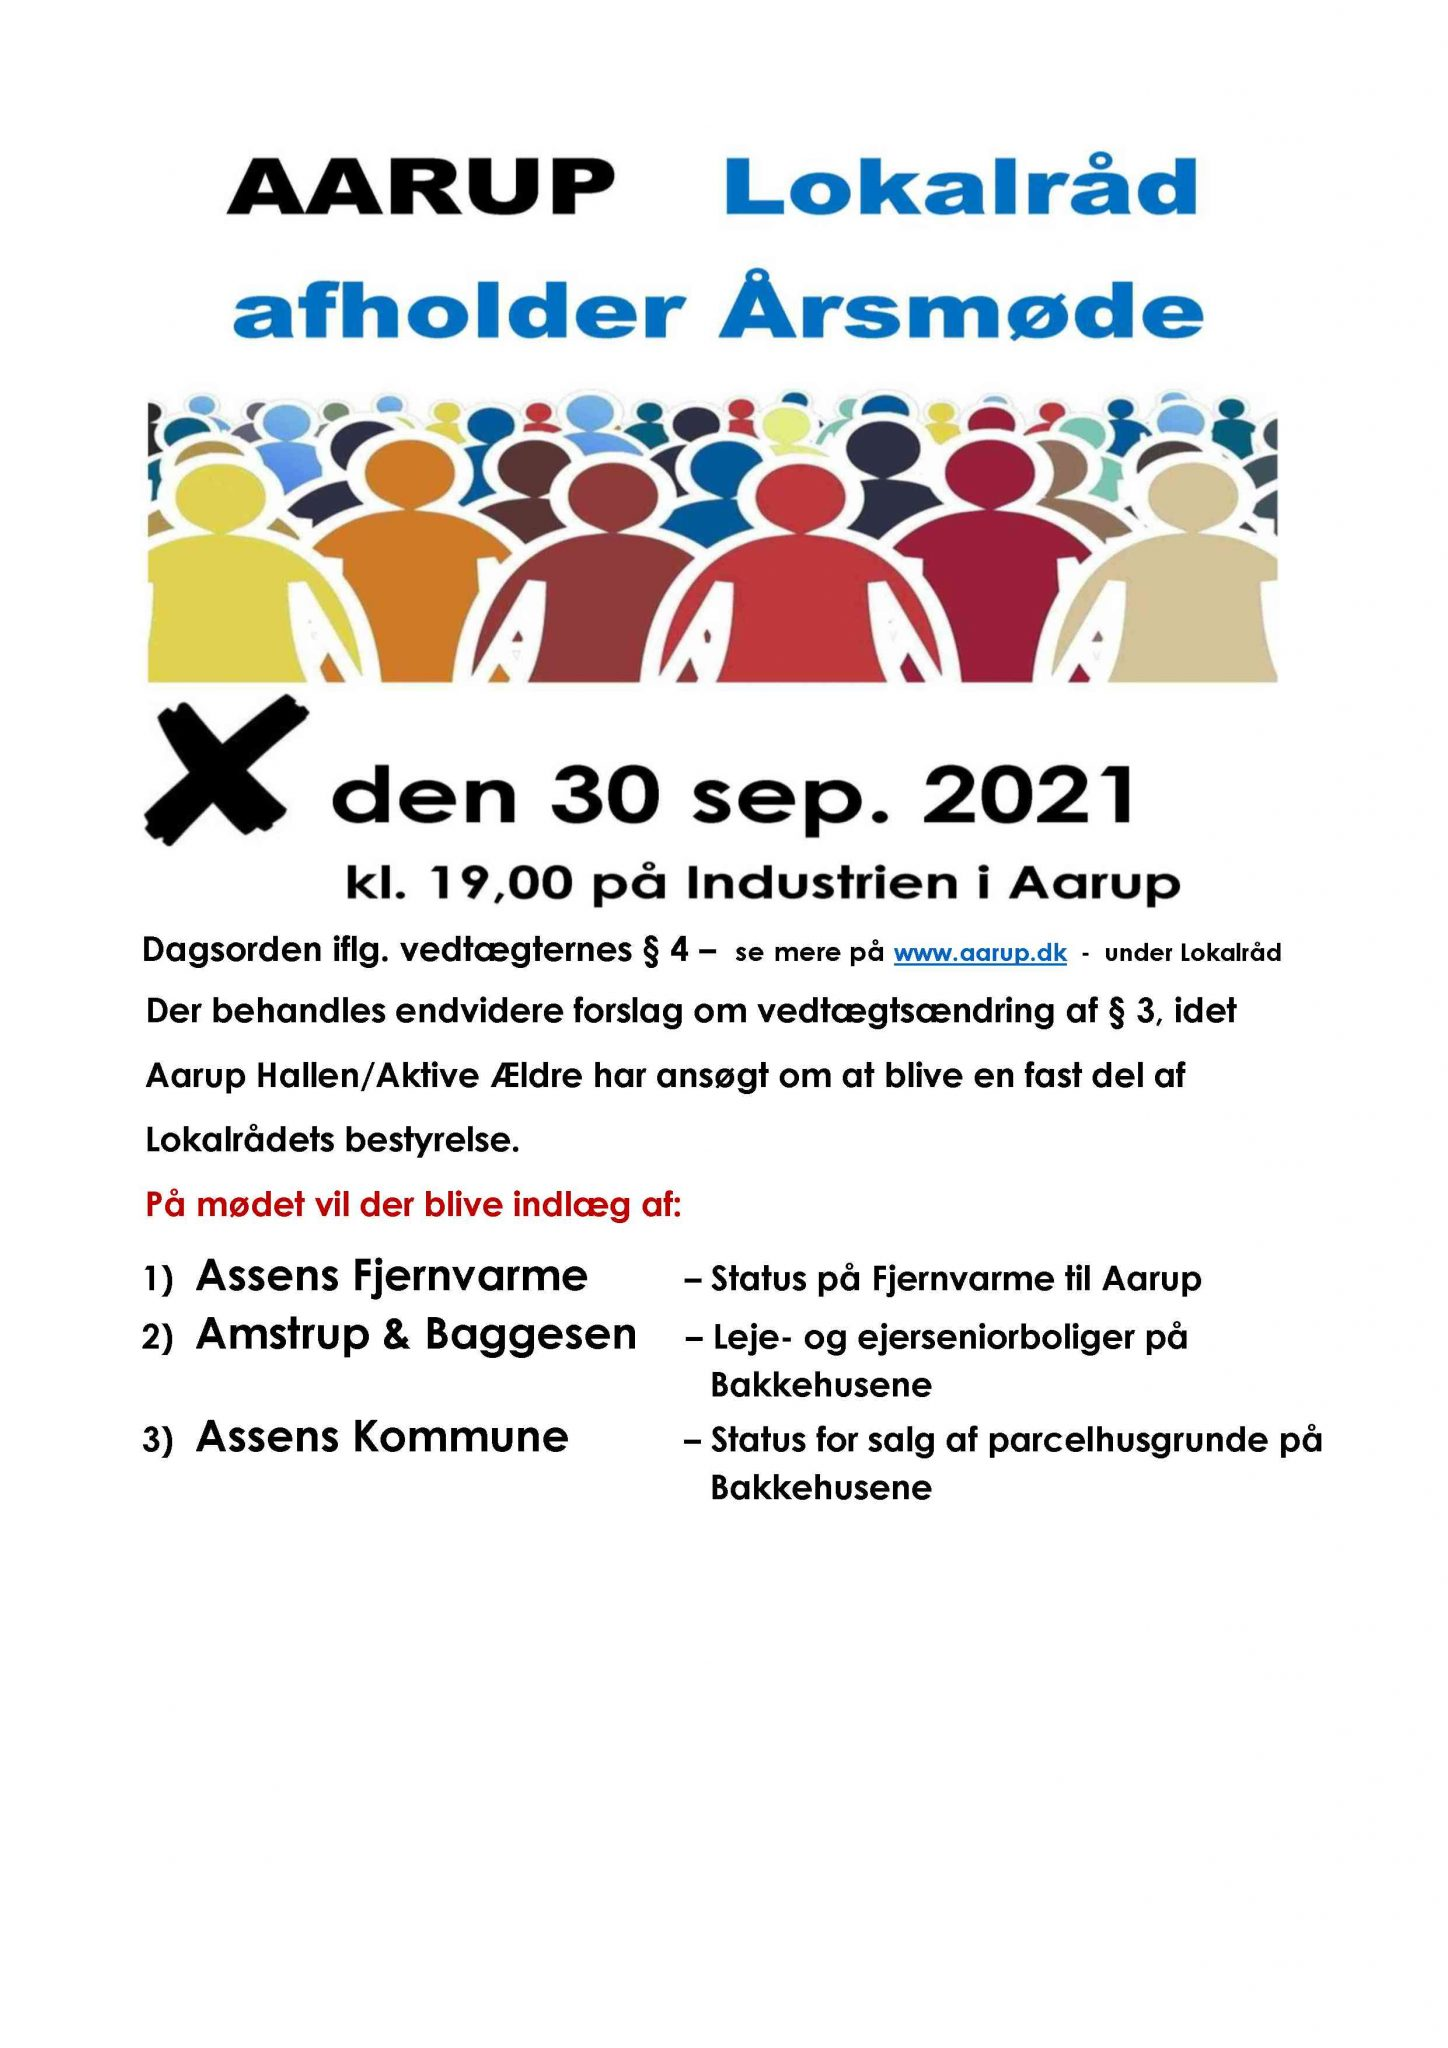 Aarup Lokalråd afholder Årsmøde